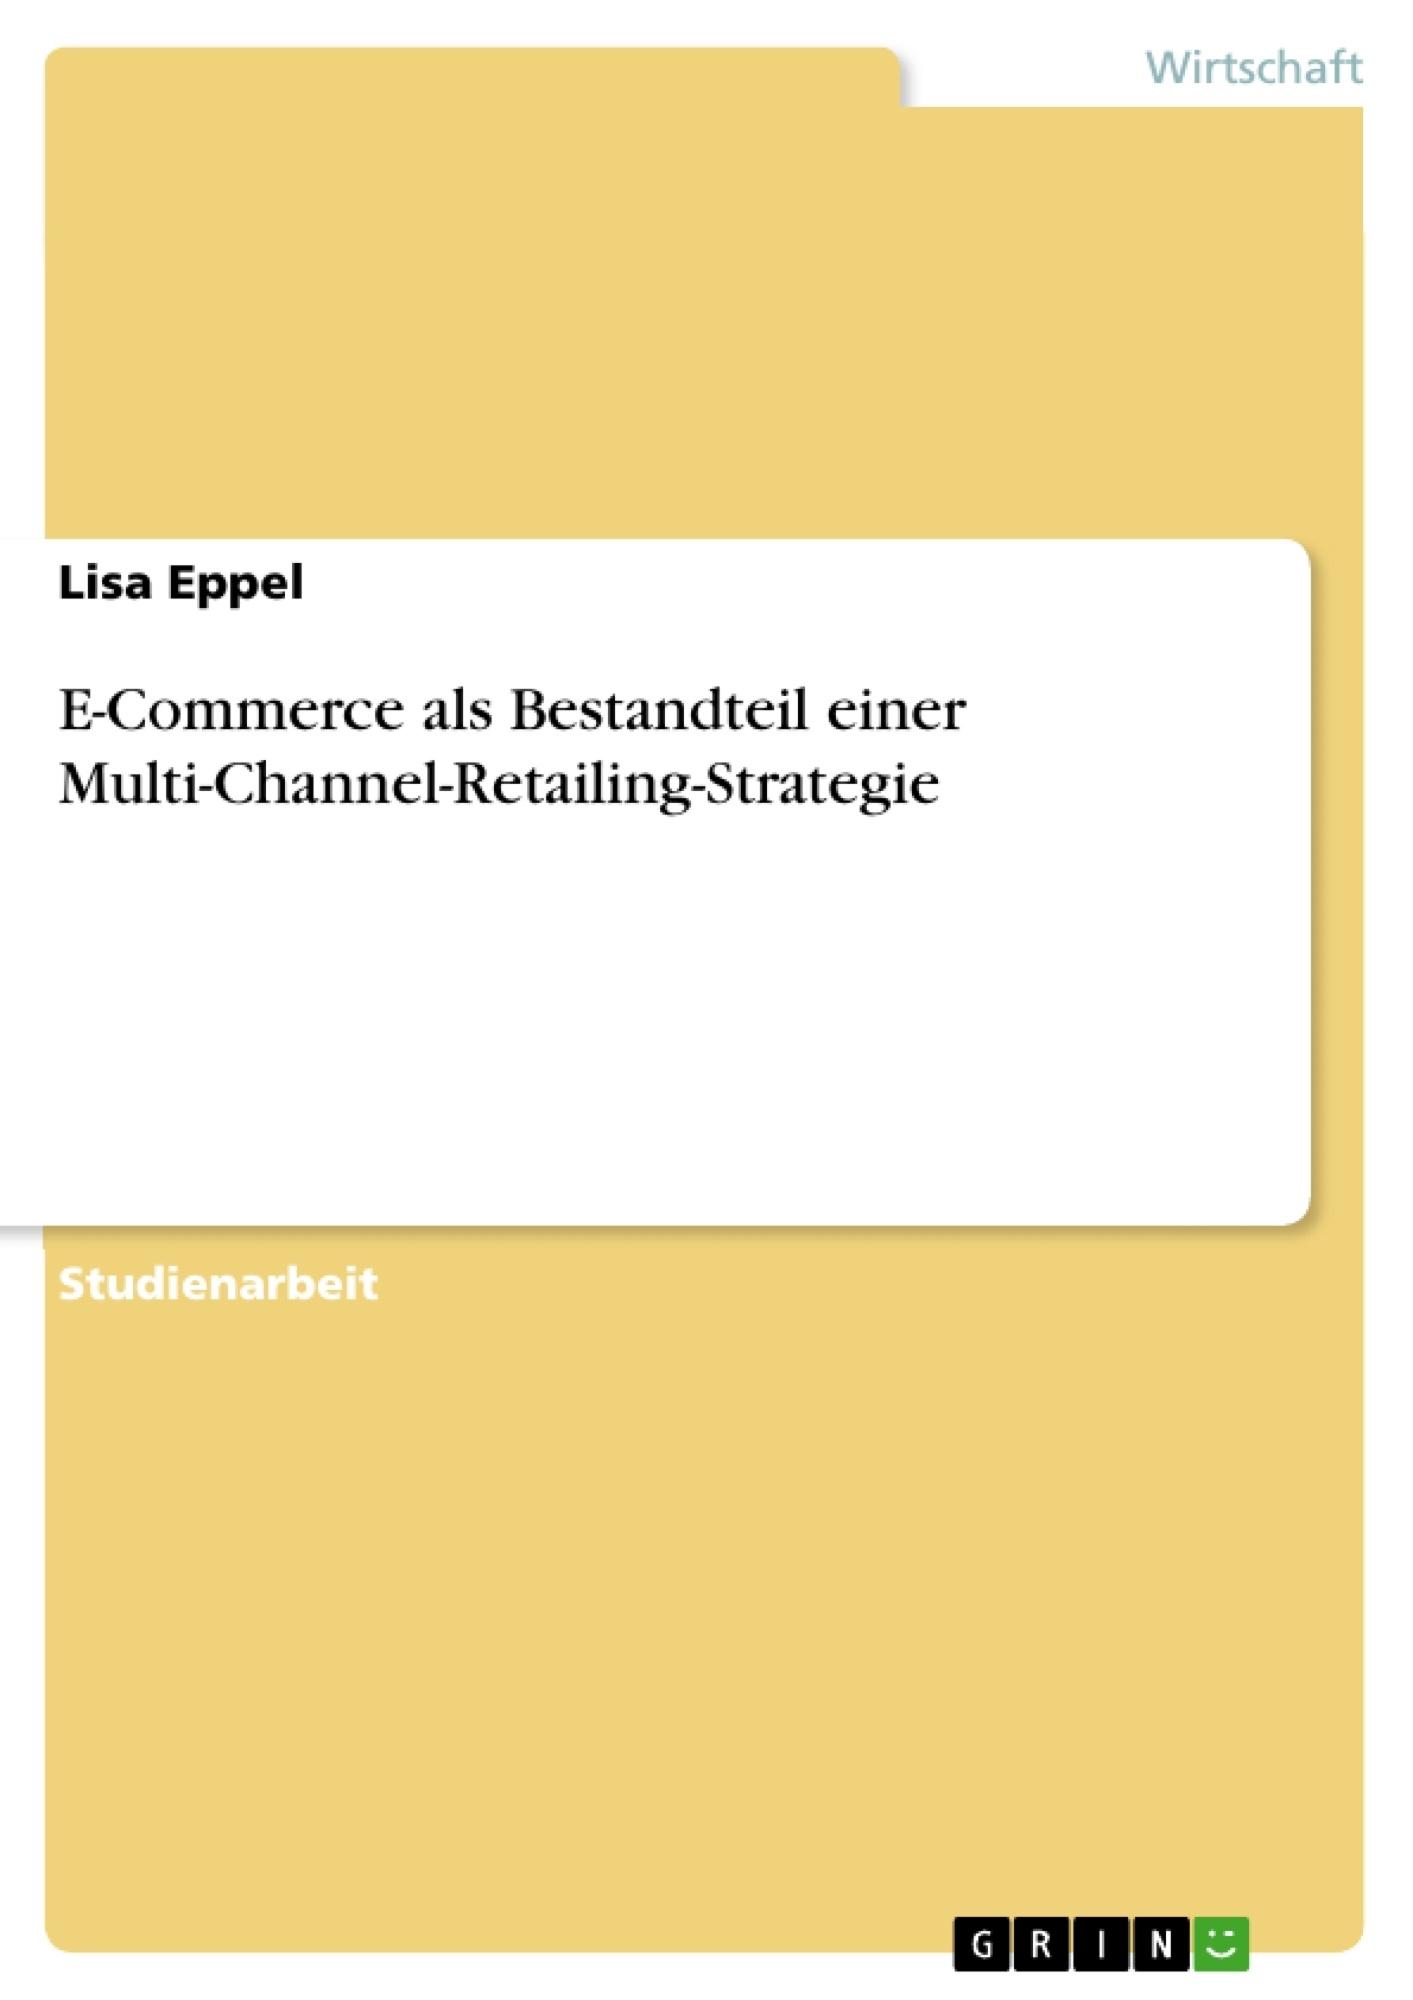 Titel: E-Commerce als Bestandteil einer Multi-Channel-Retailing-Strategie